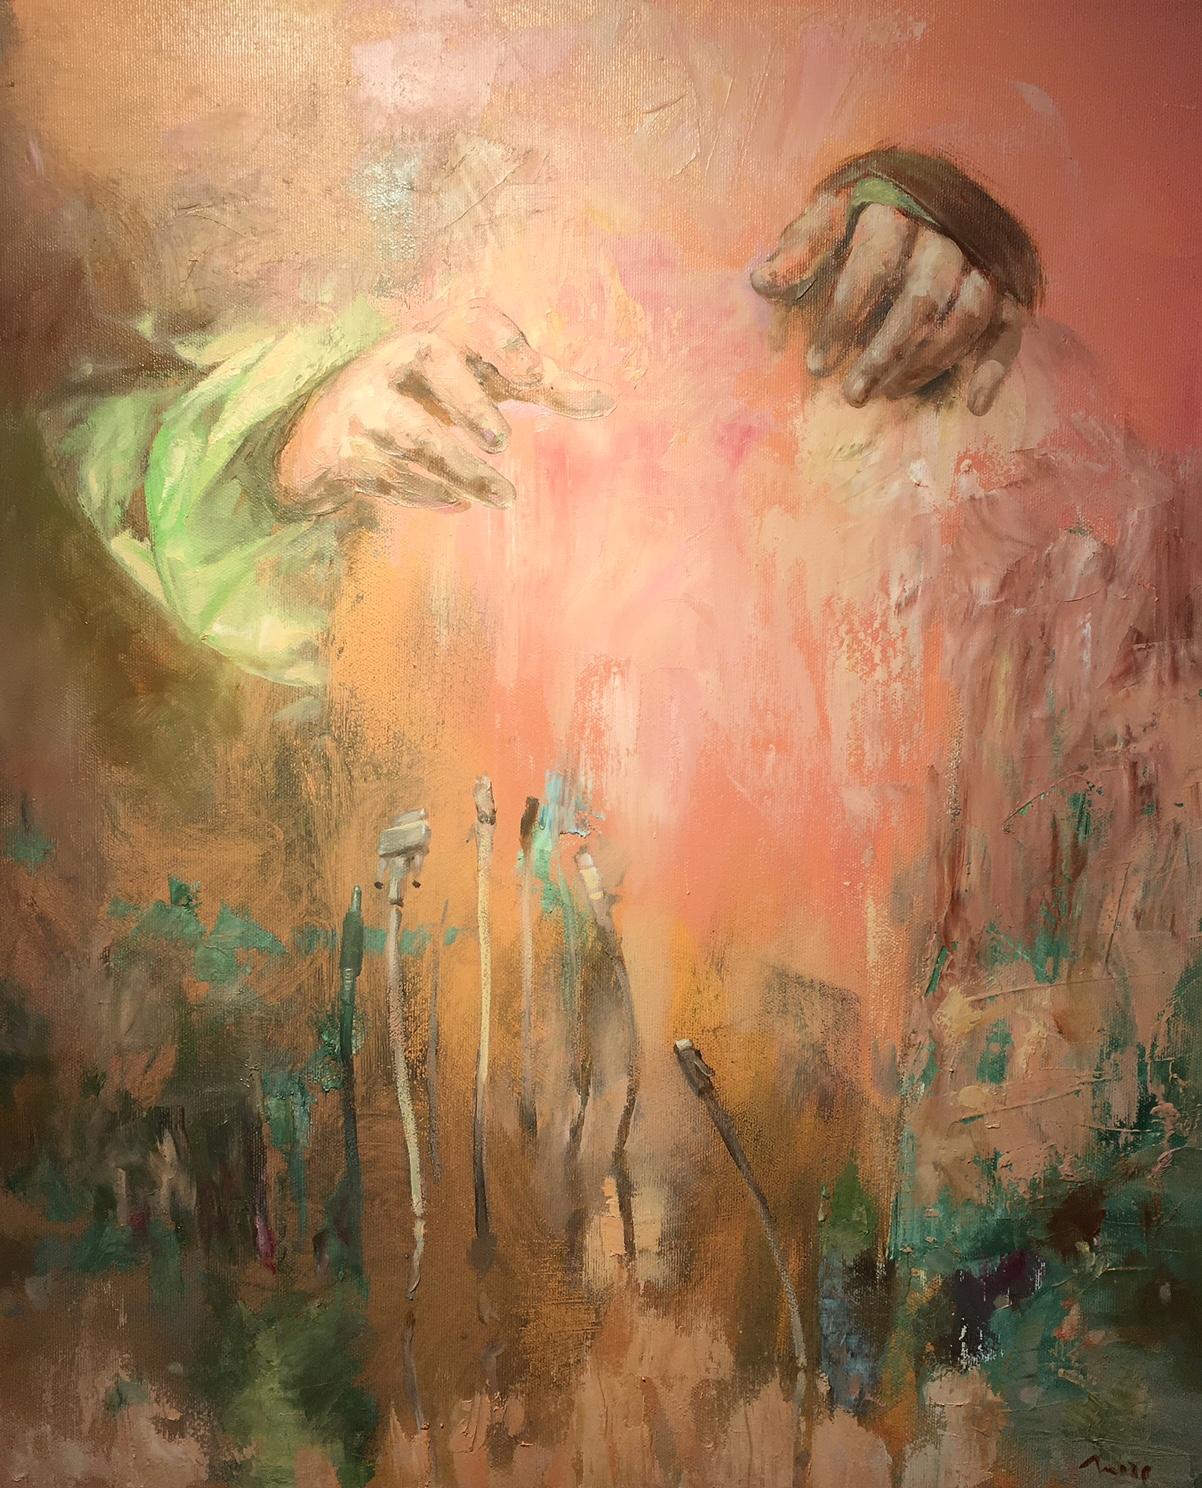 Incze, Mózes: Genesis